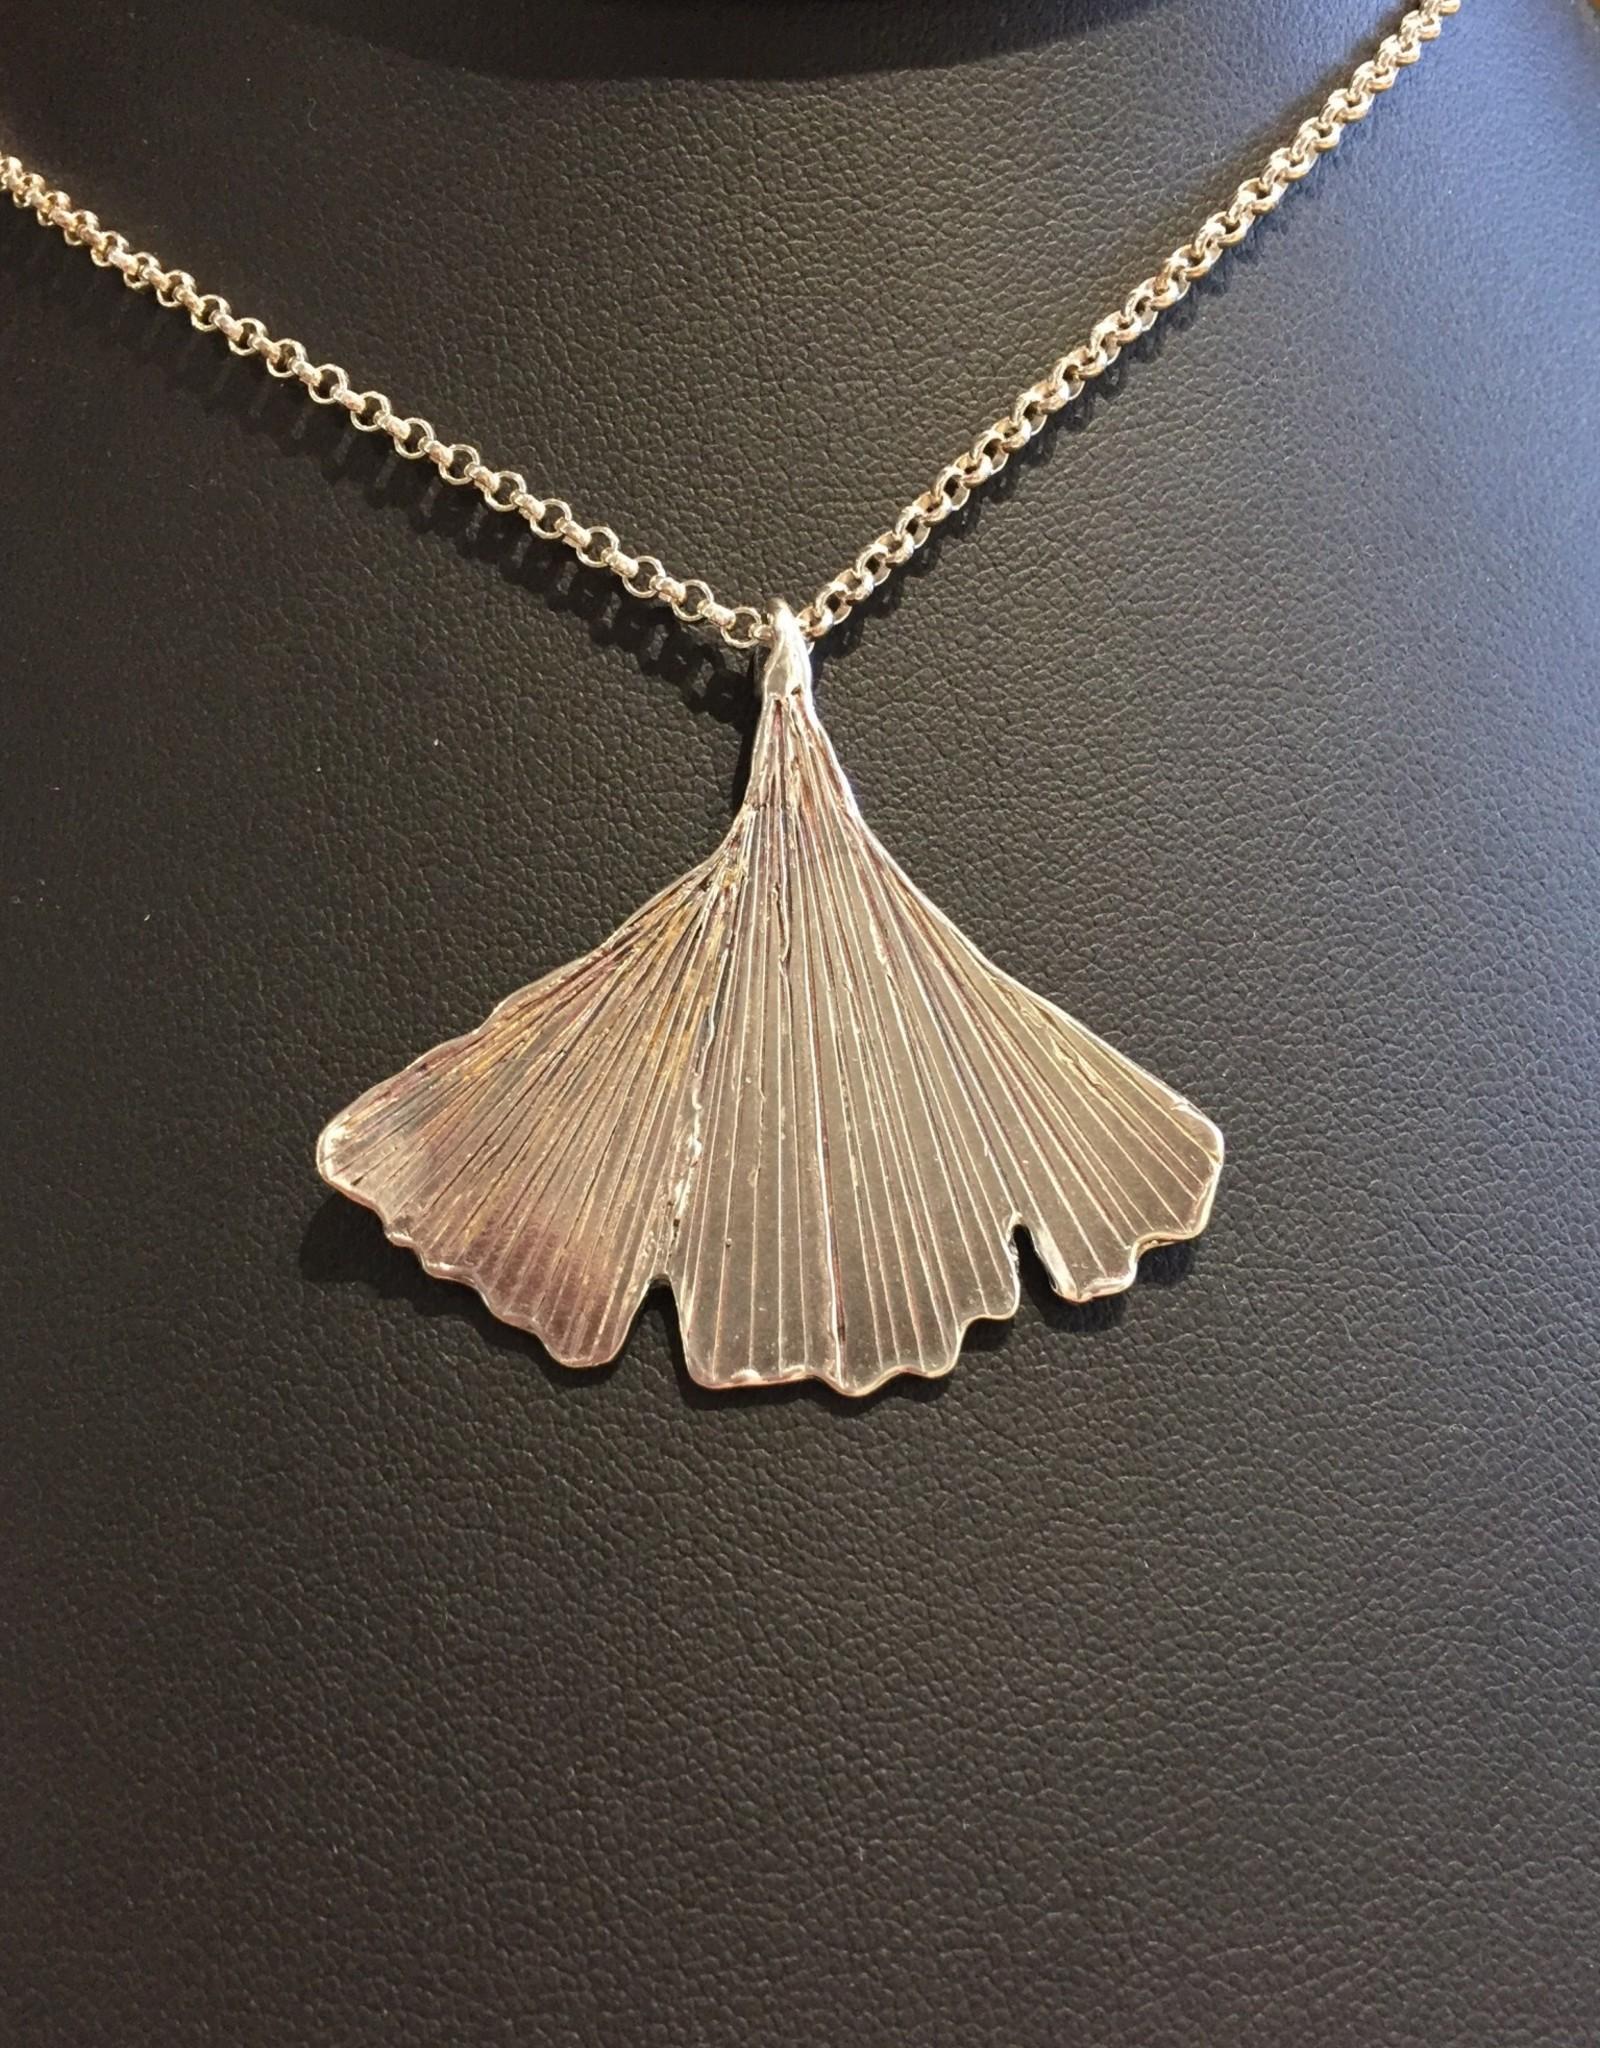 Susan Hunter Bodie/necklace/sterling silver/ginkgo leaf